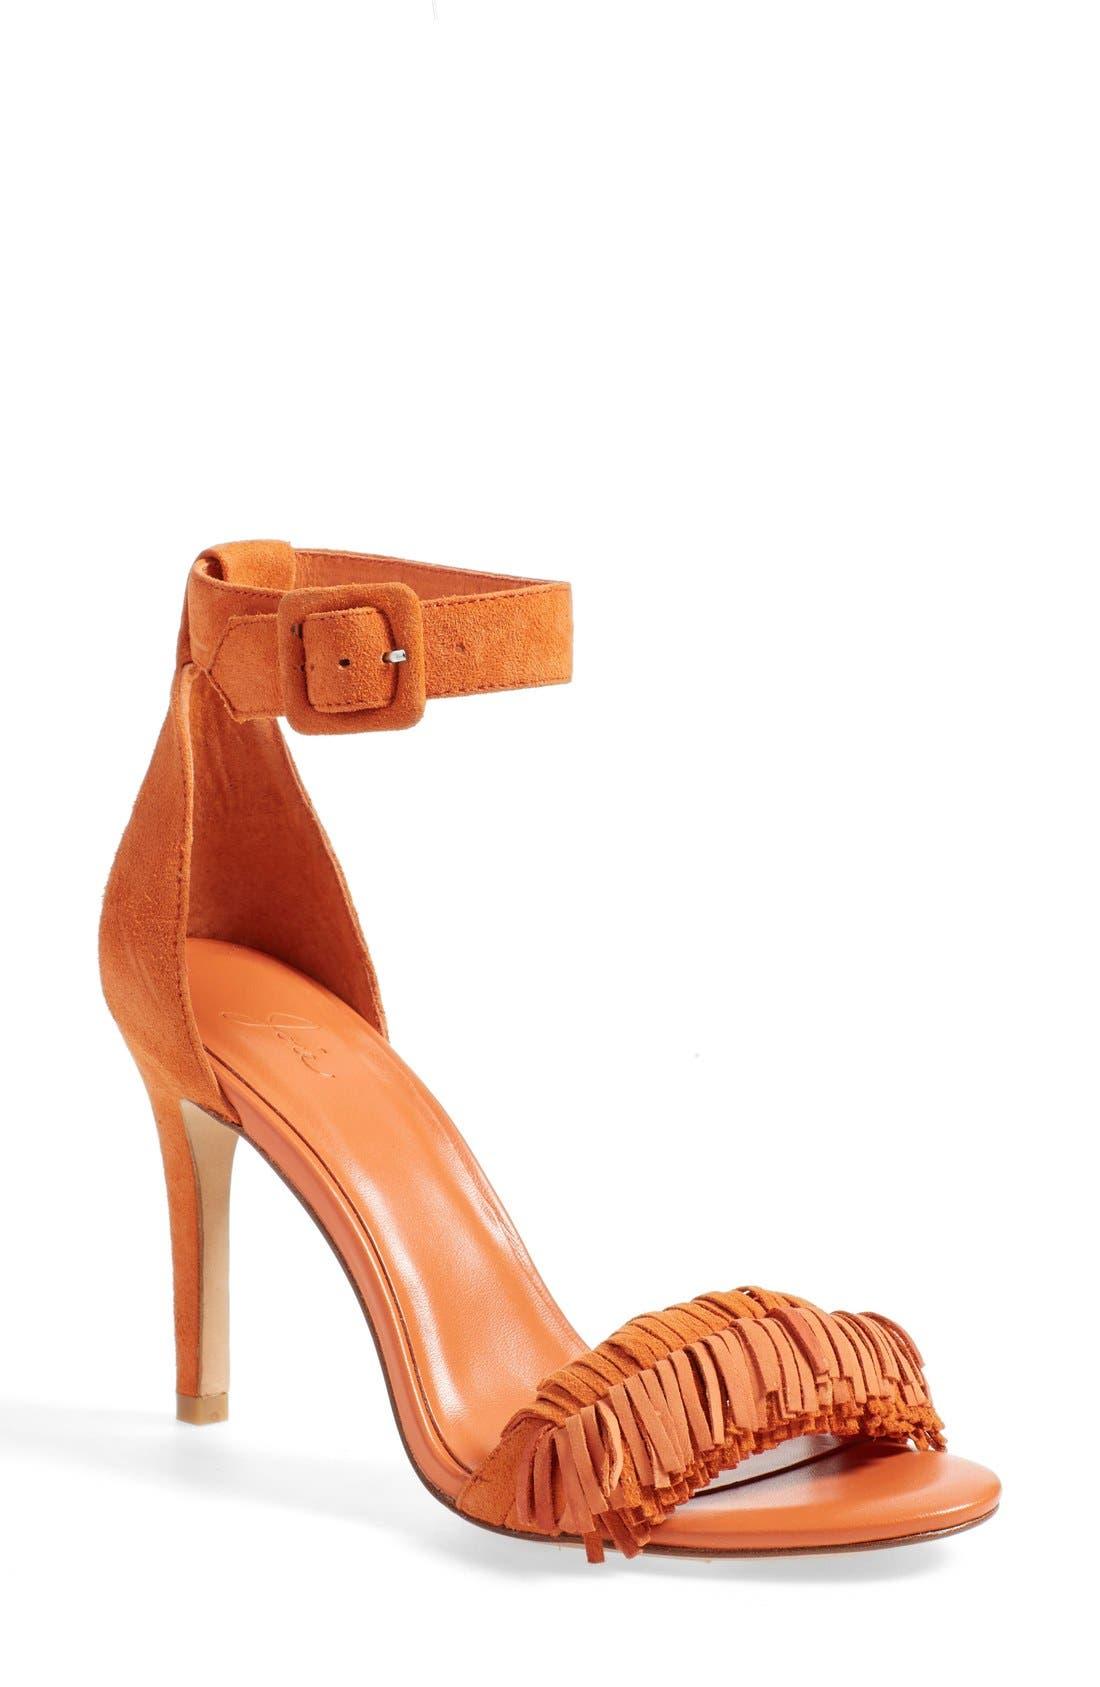 Alternate Image 1 Selected - Joie 'Pippi' Sandal (Women)